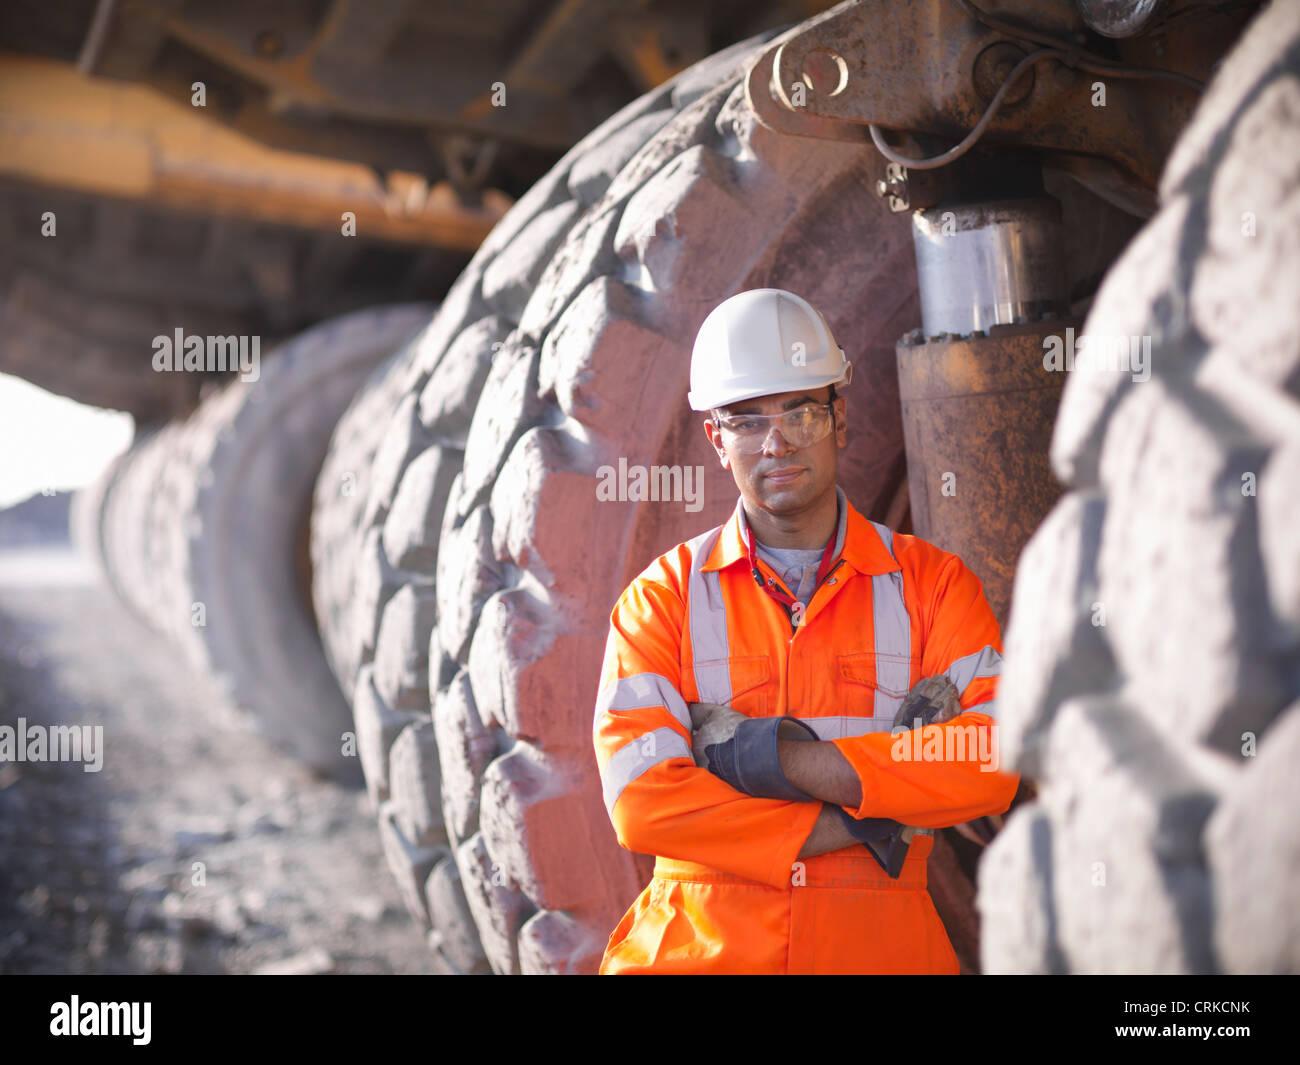 Worker par camions dans des mines de charbon Photo Stock